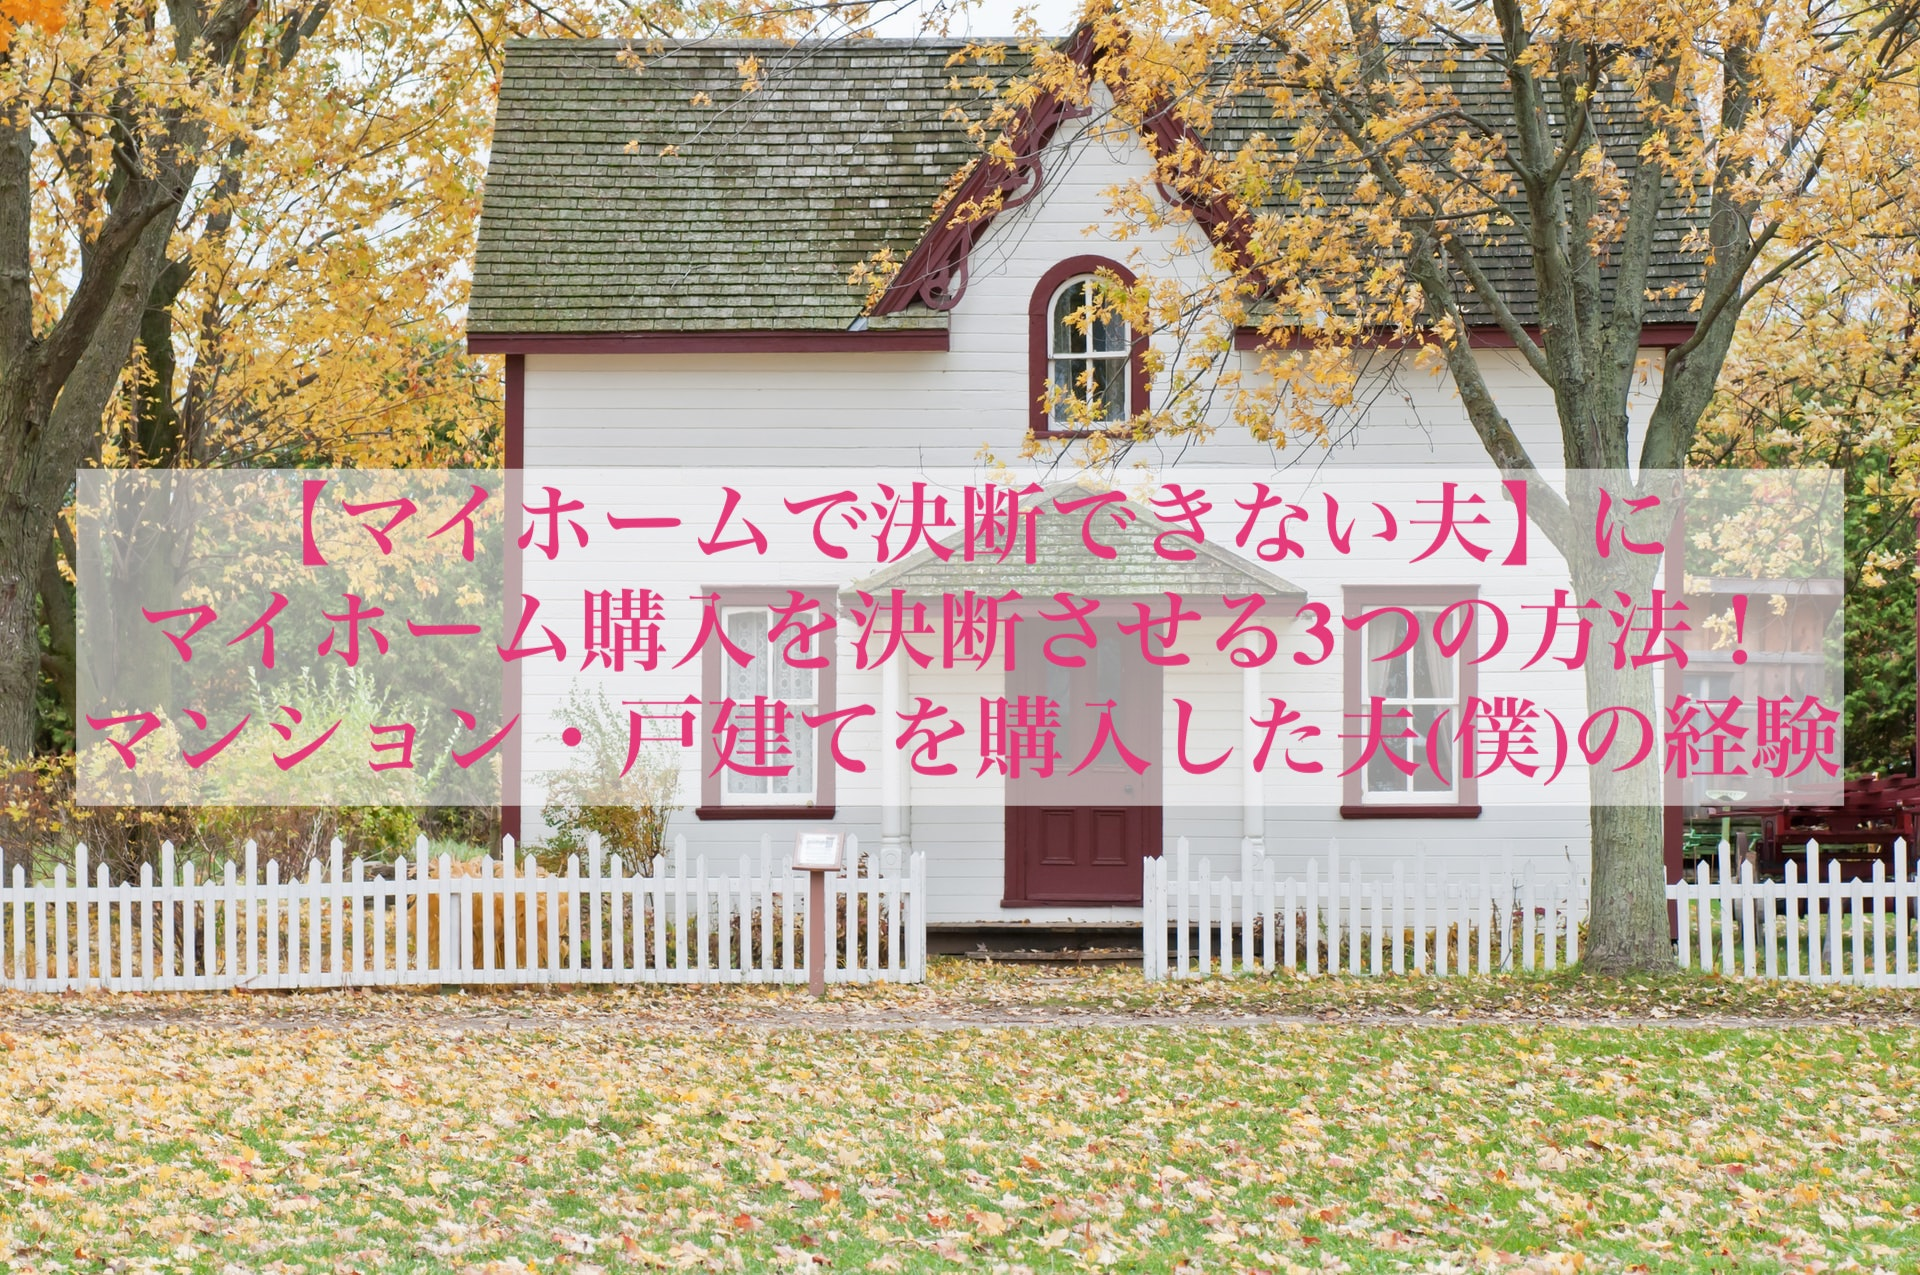 【マイホームで決断できない夫】に マイホーム購入を決断させる3つの方法! マンション・戸建てを購入した夫(僕)の経験